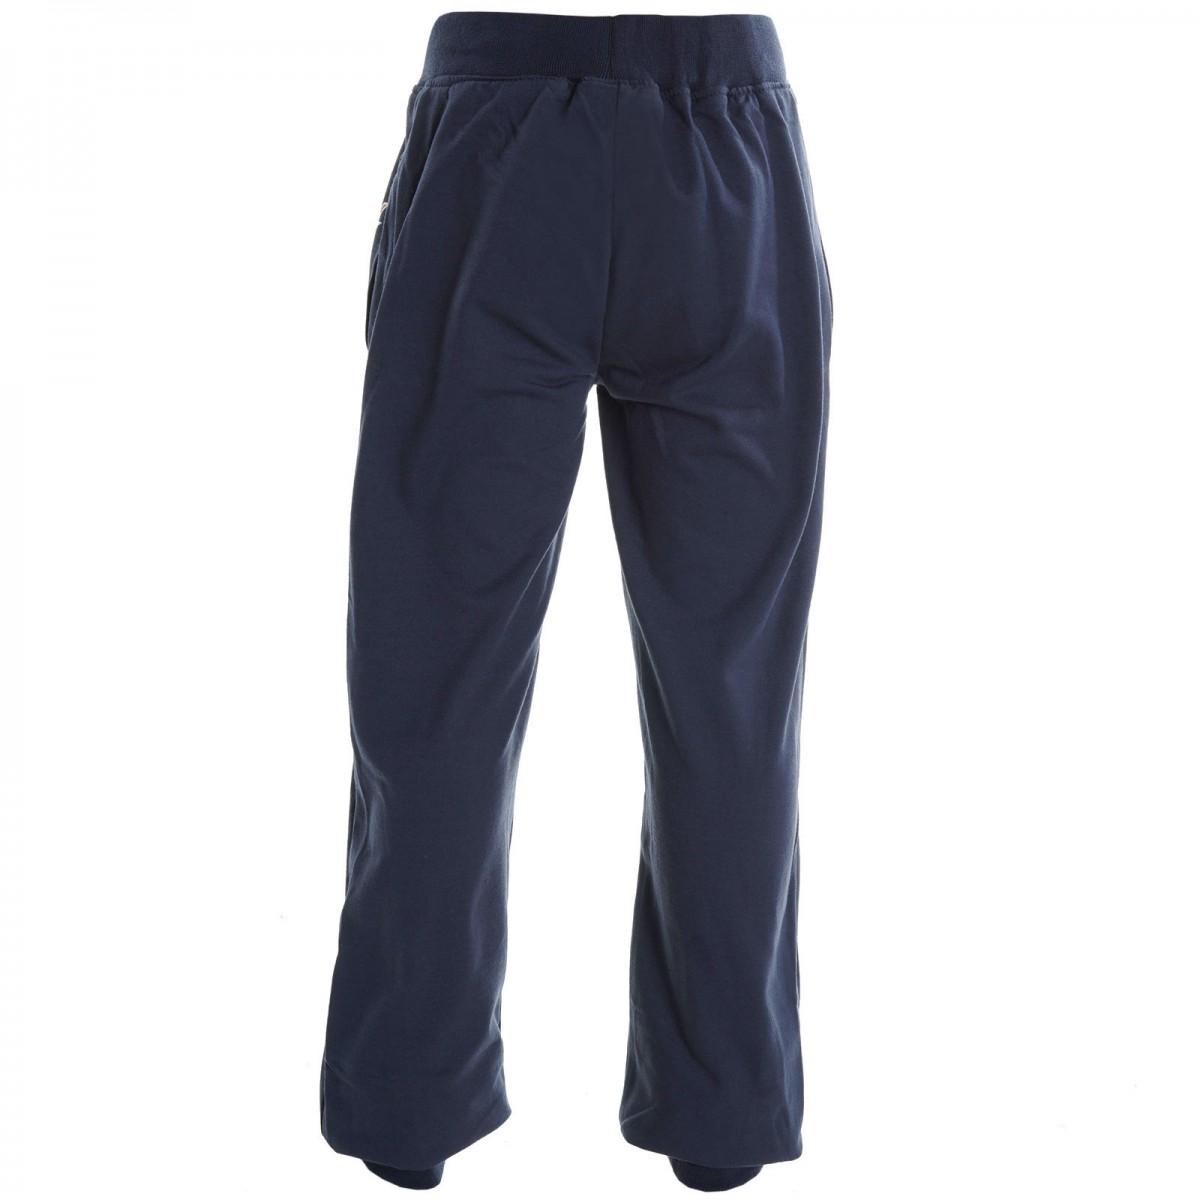 Garcons-Pantalon-Jogging-Sport-Short-Loisirs-Entrainement-Pantalons-Stock-offre miniature 7